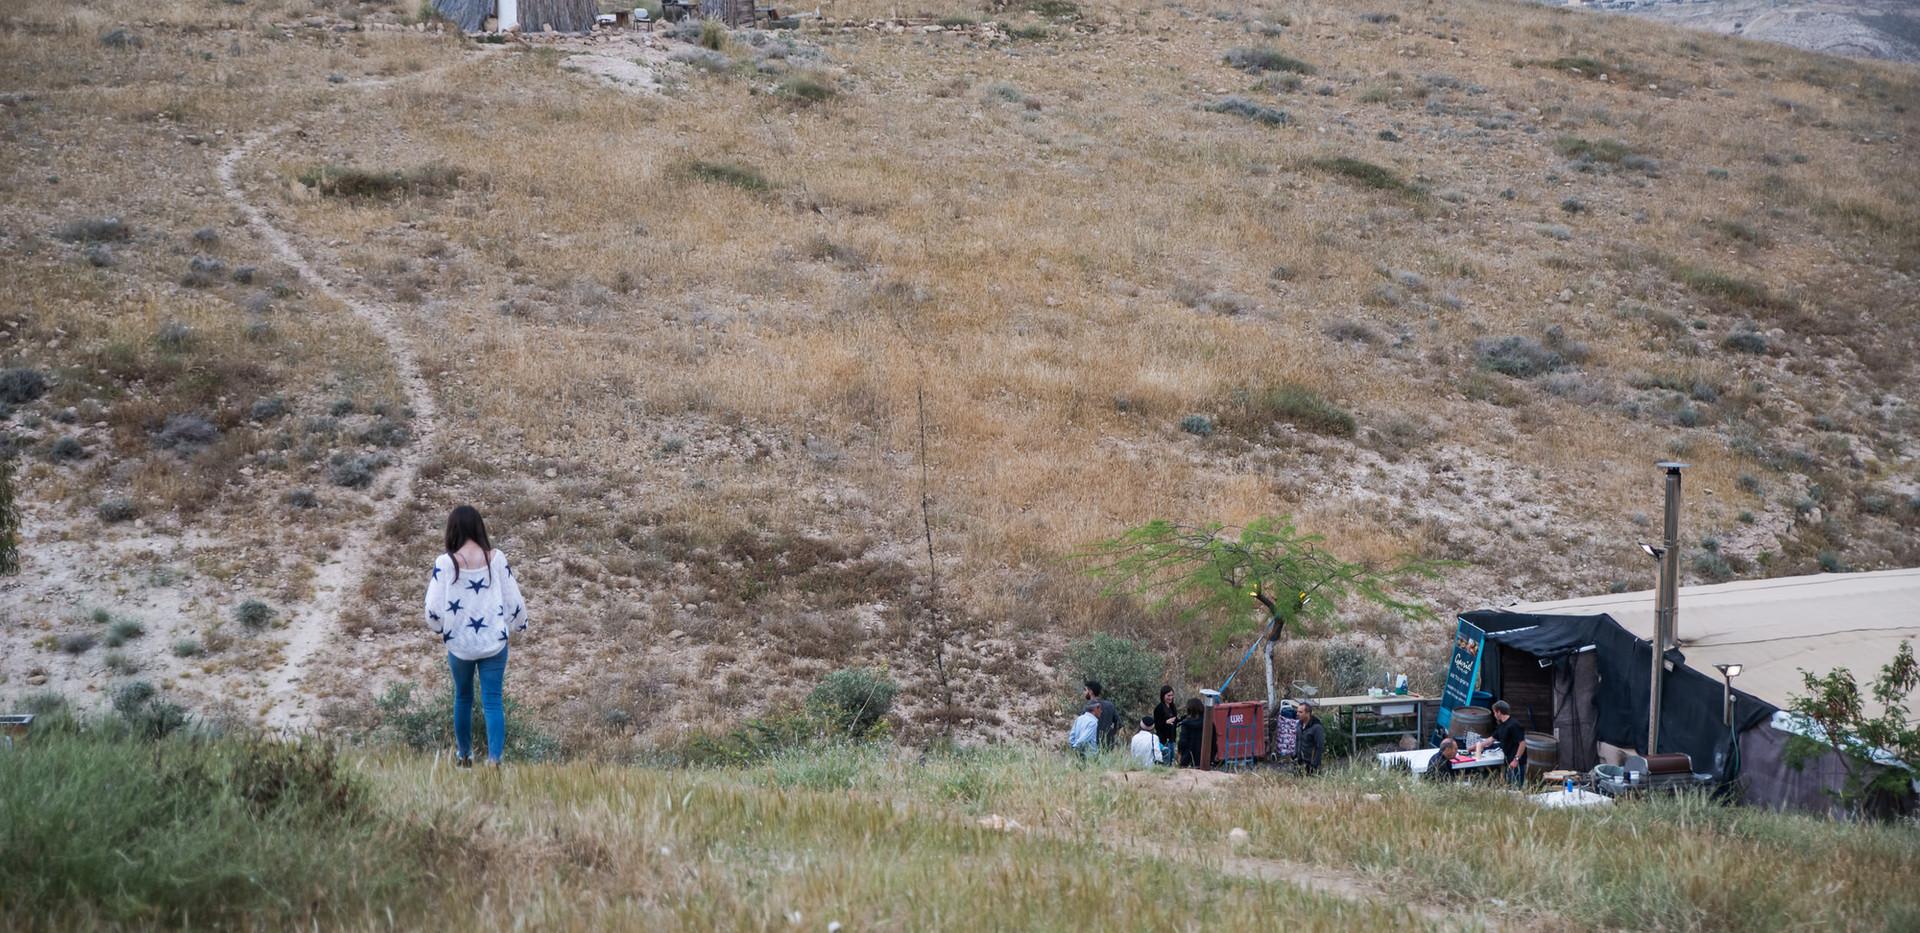 The Judean Desert Scene